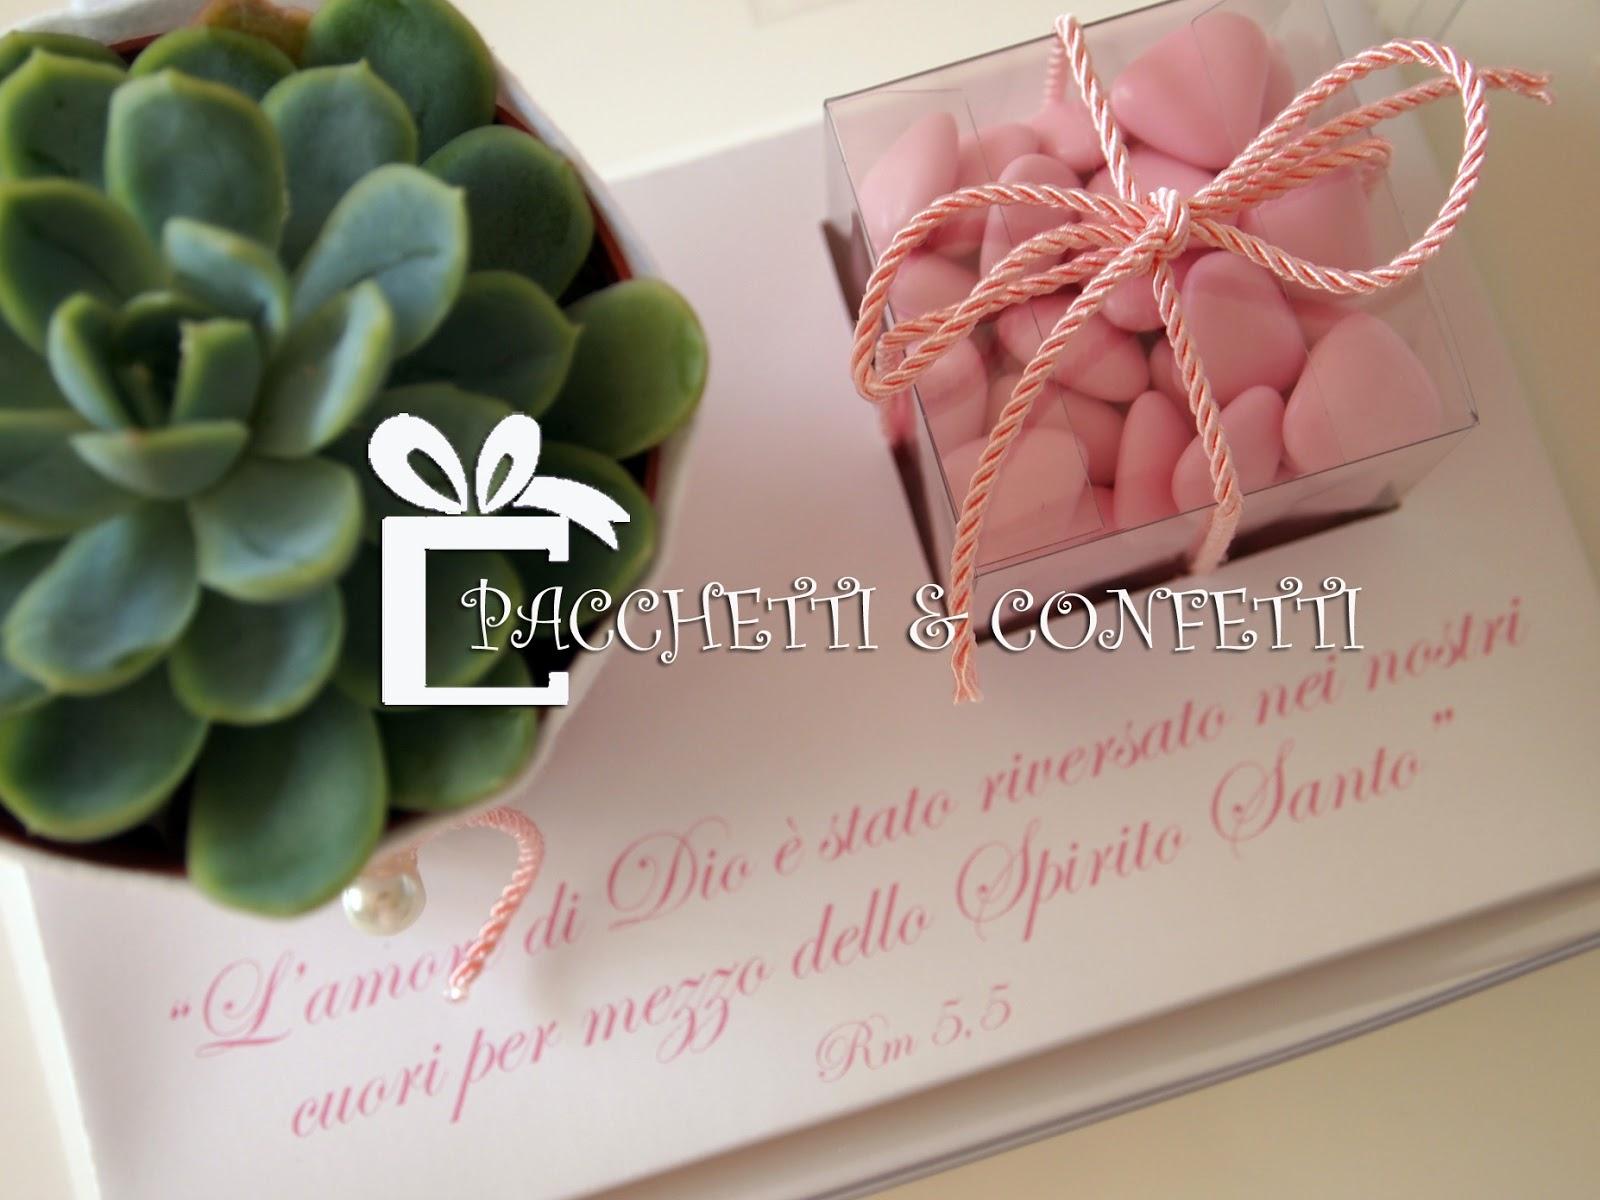 Eccezionale Pacchetti e Confetti: Baby Shop IY14